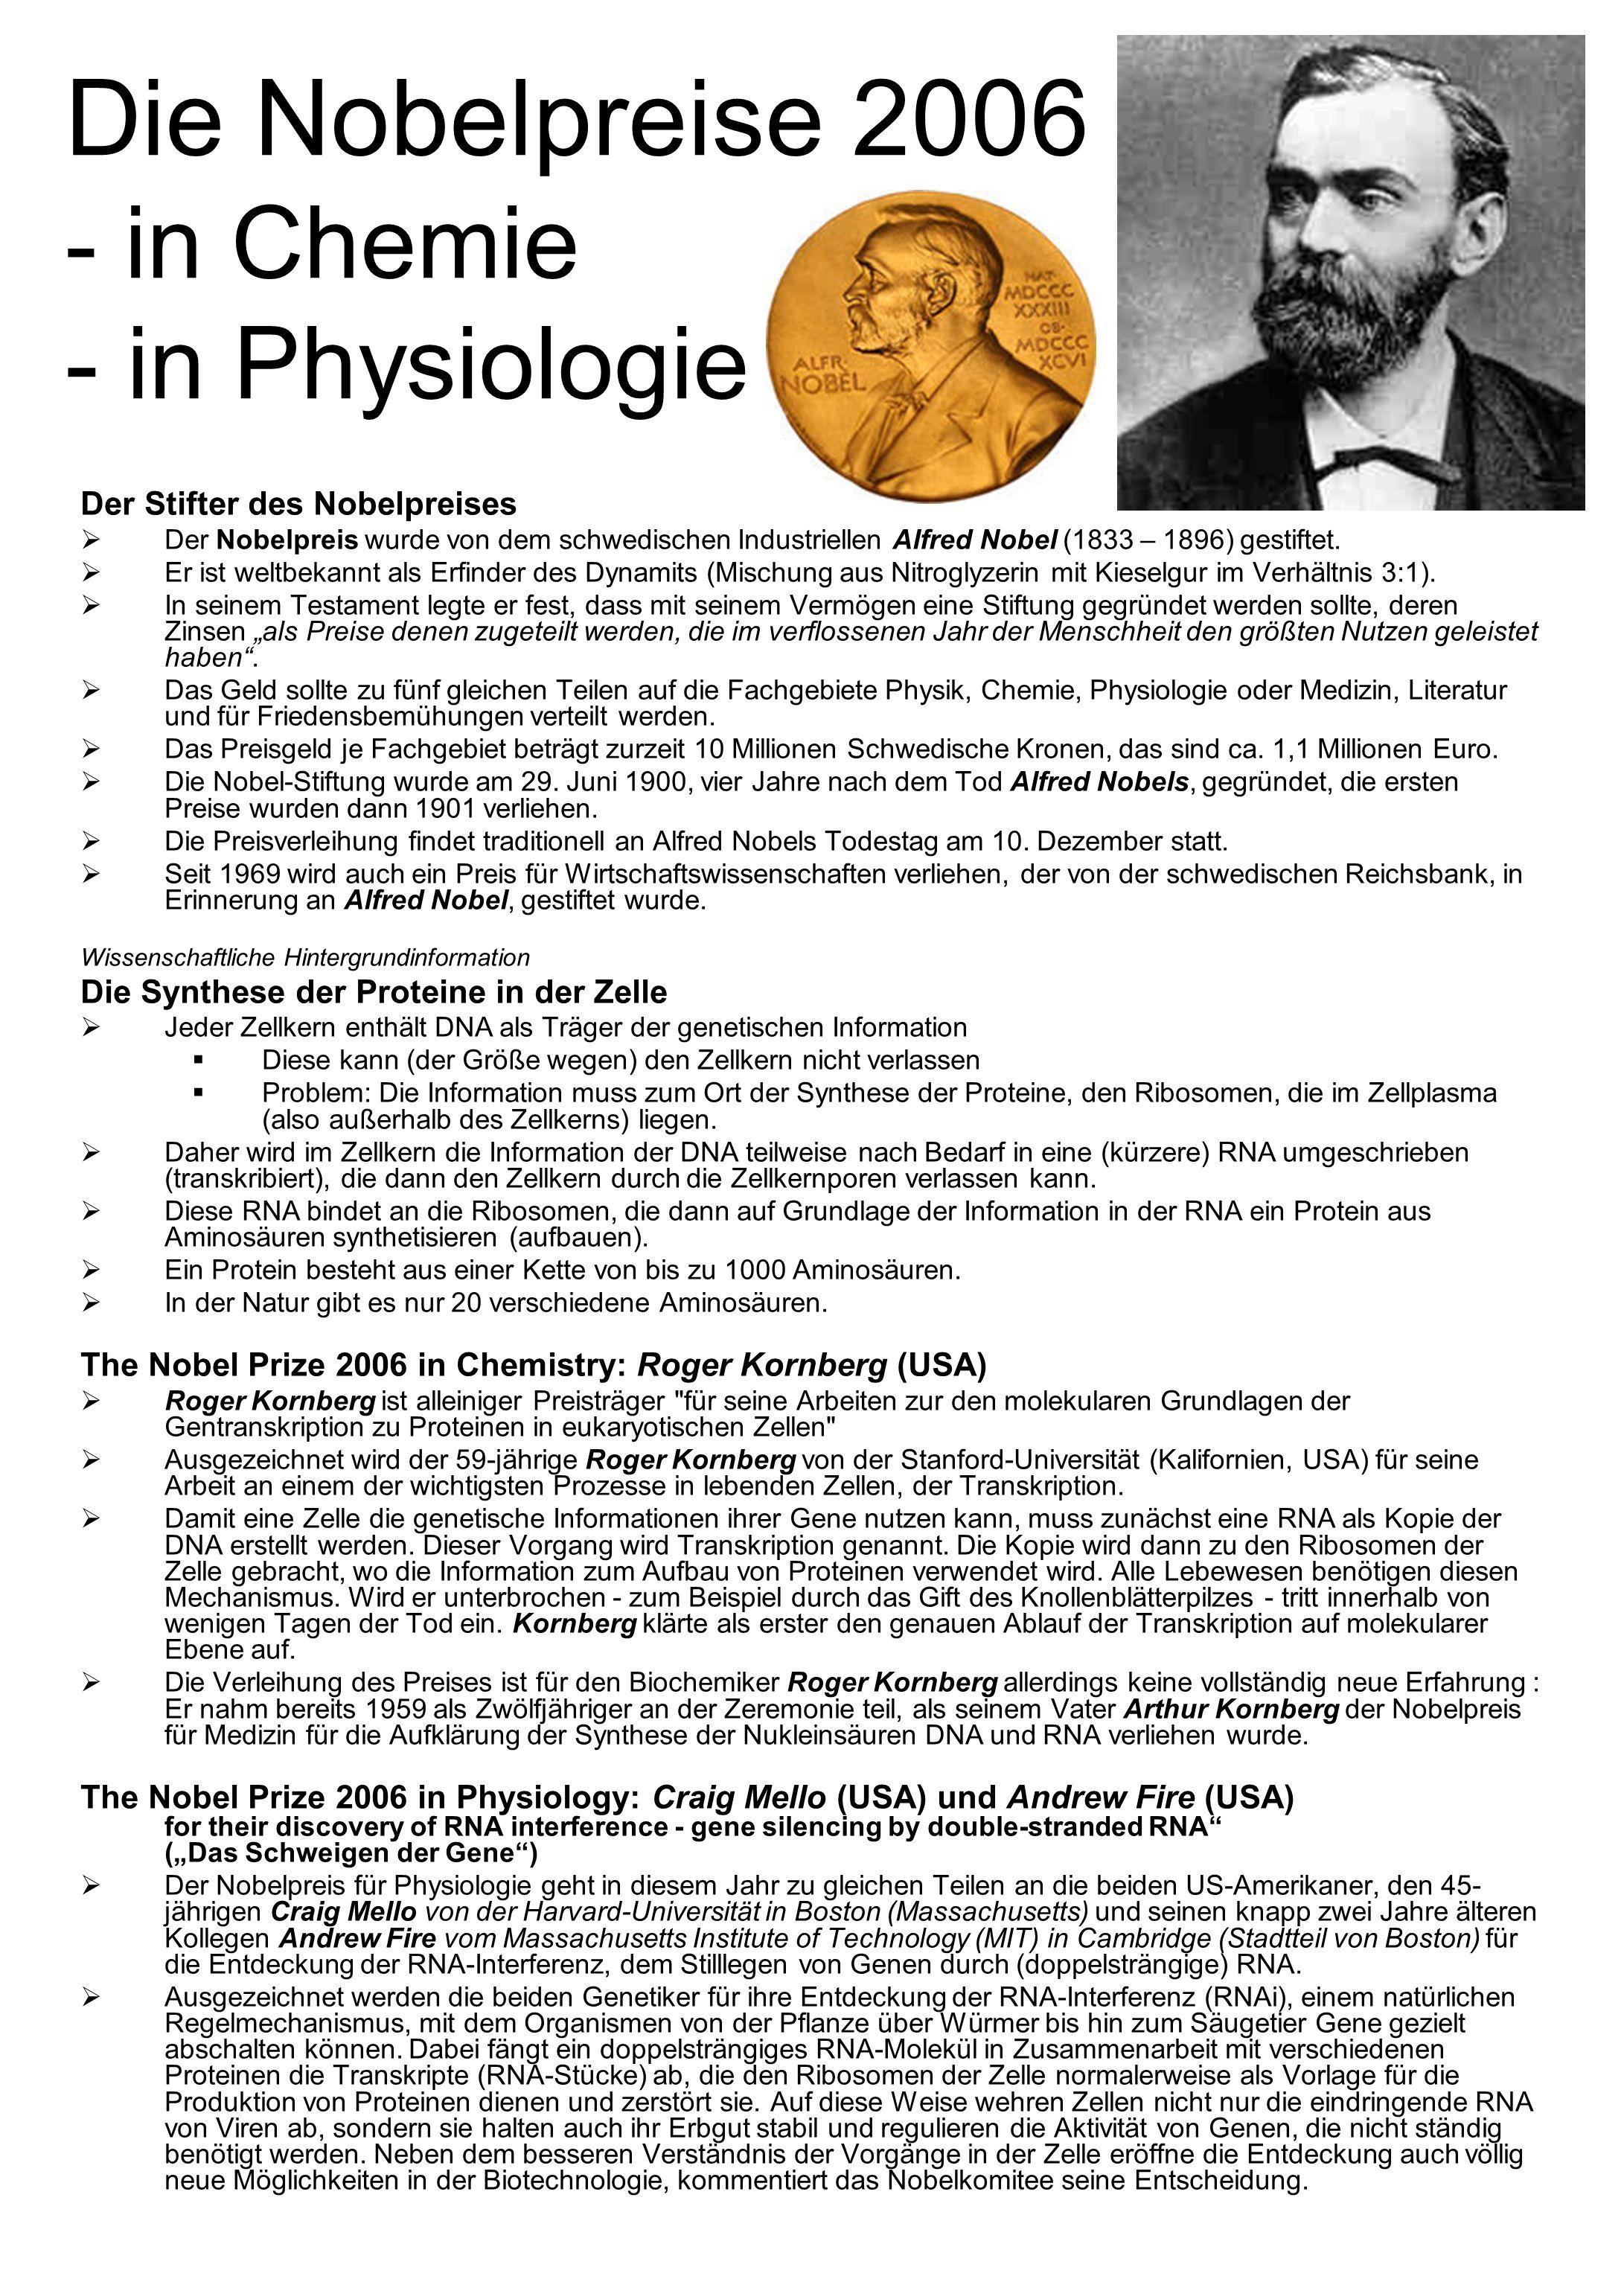 Die Nobelpreise 2006 - in Chemie - in Physiologie